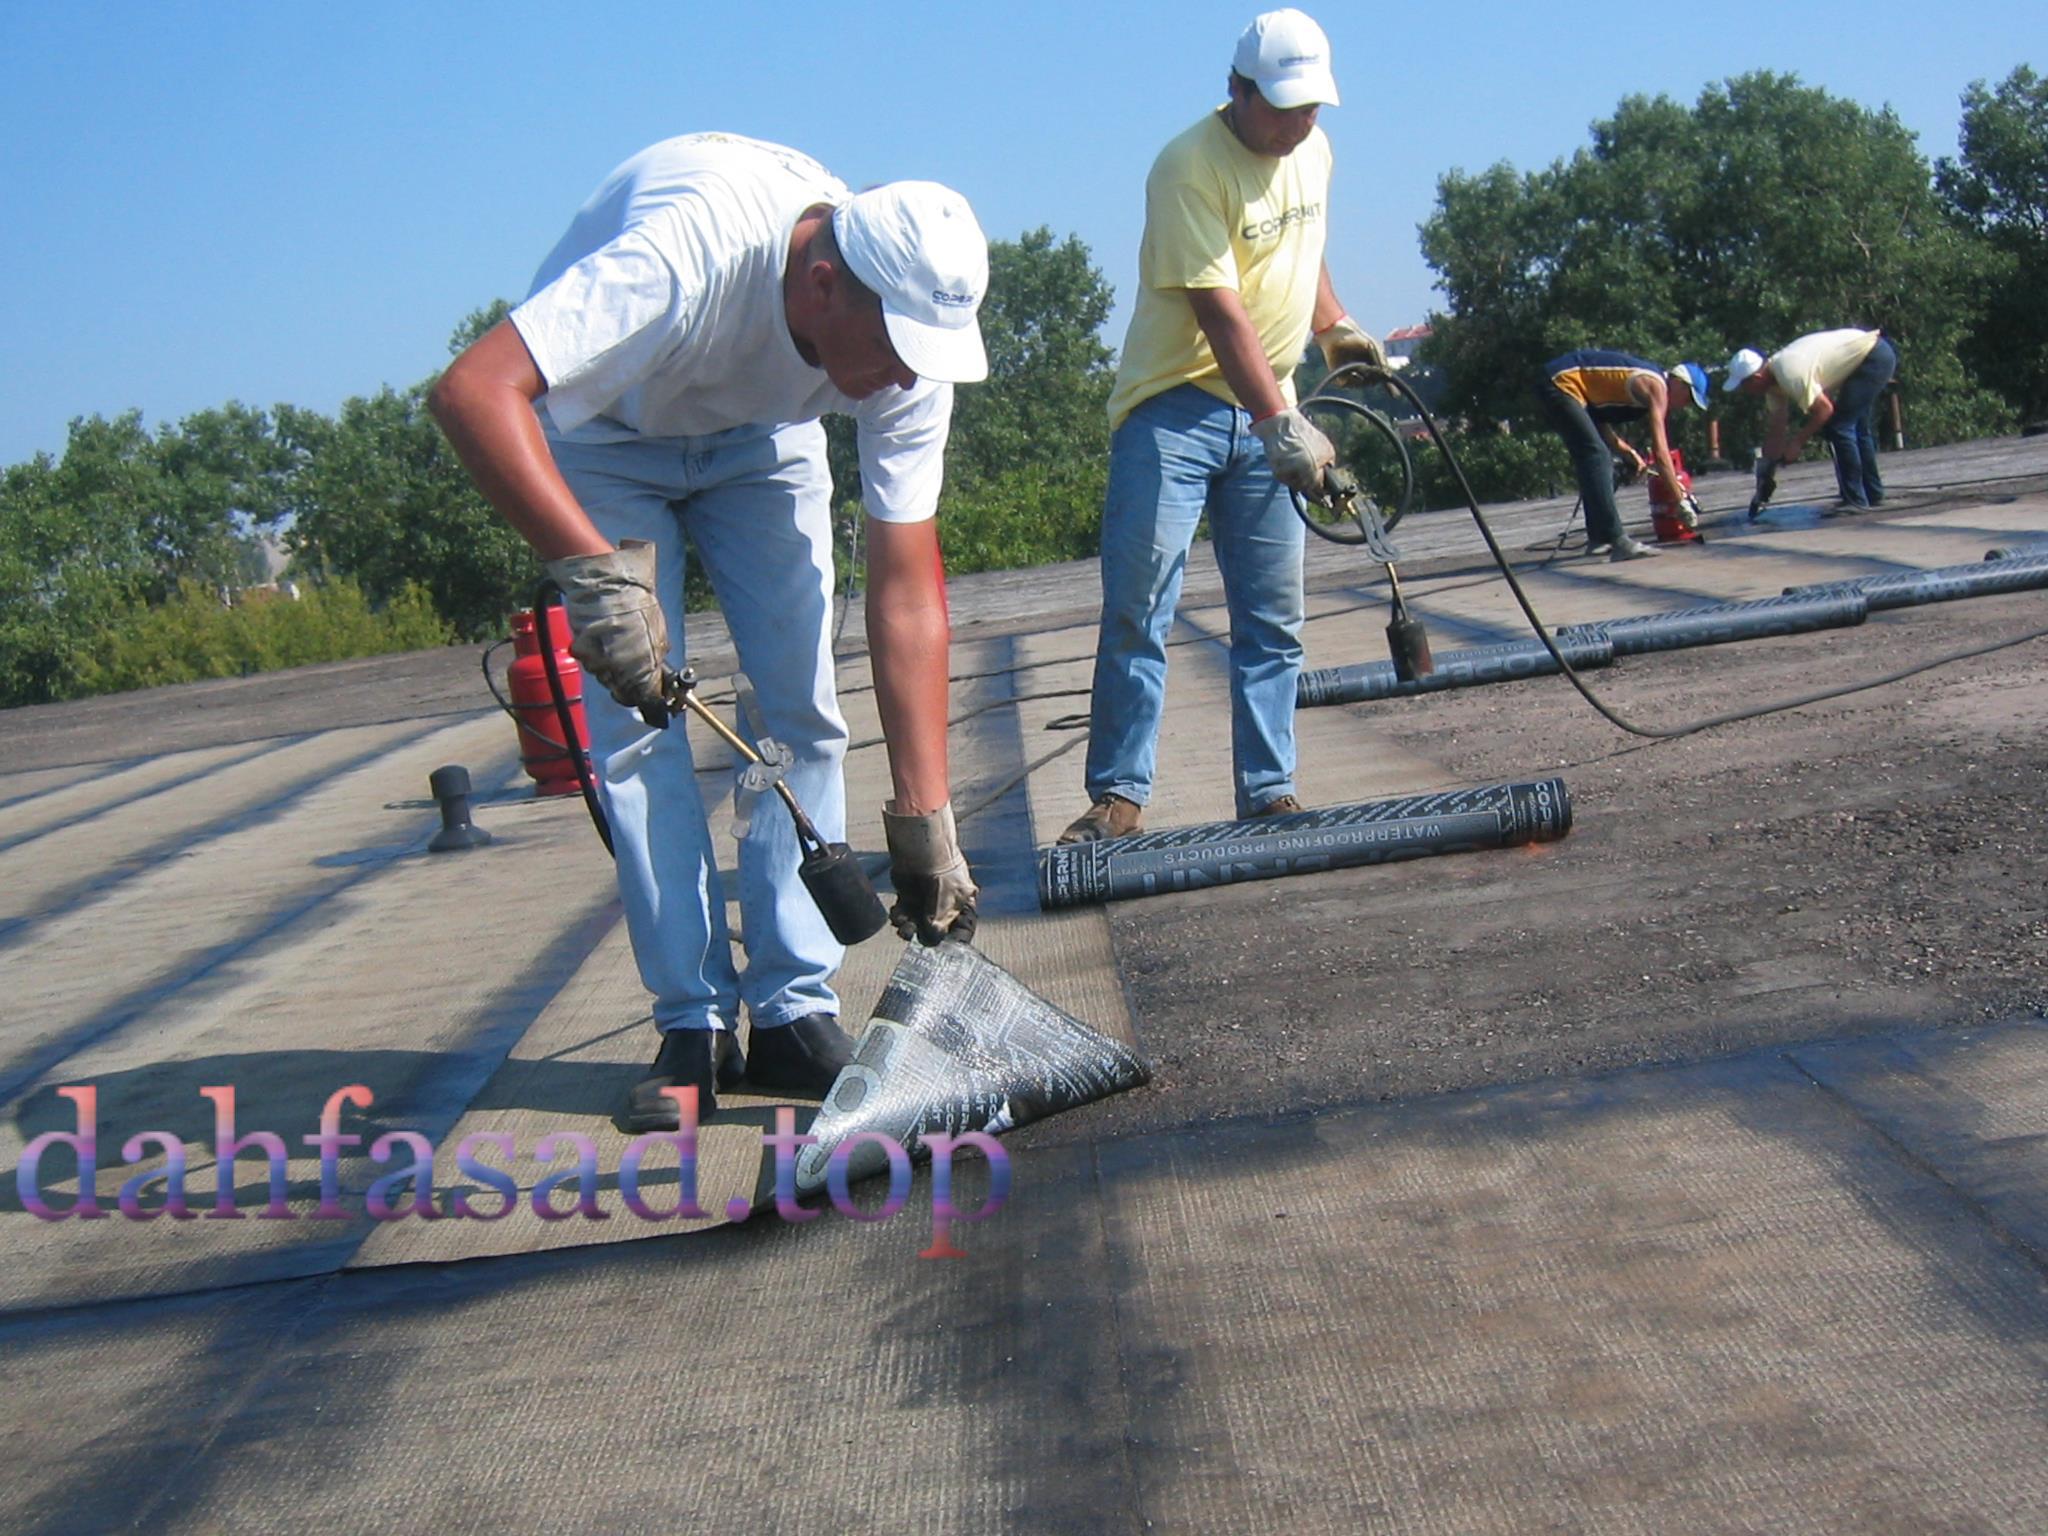 Монтаж і ремонт покрівлі.  Технології ремонту різних видів покрівлі